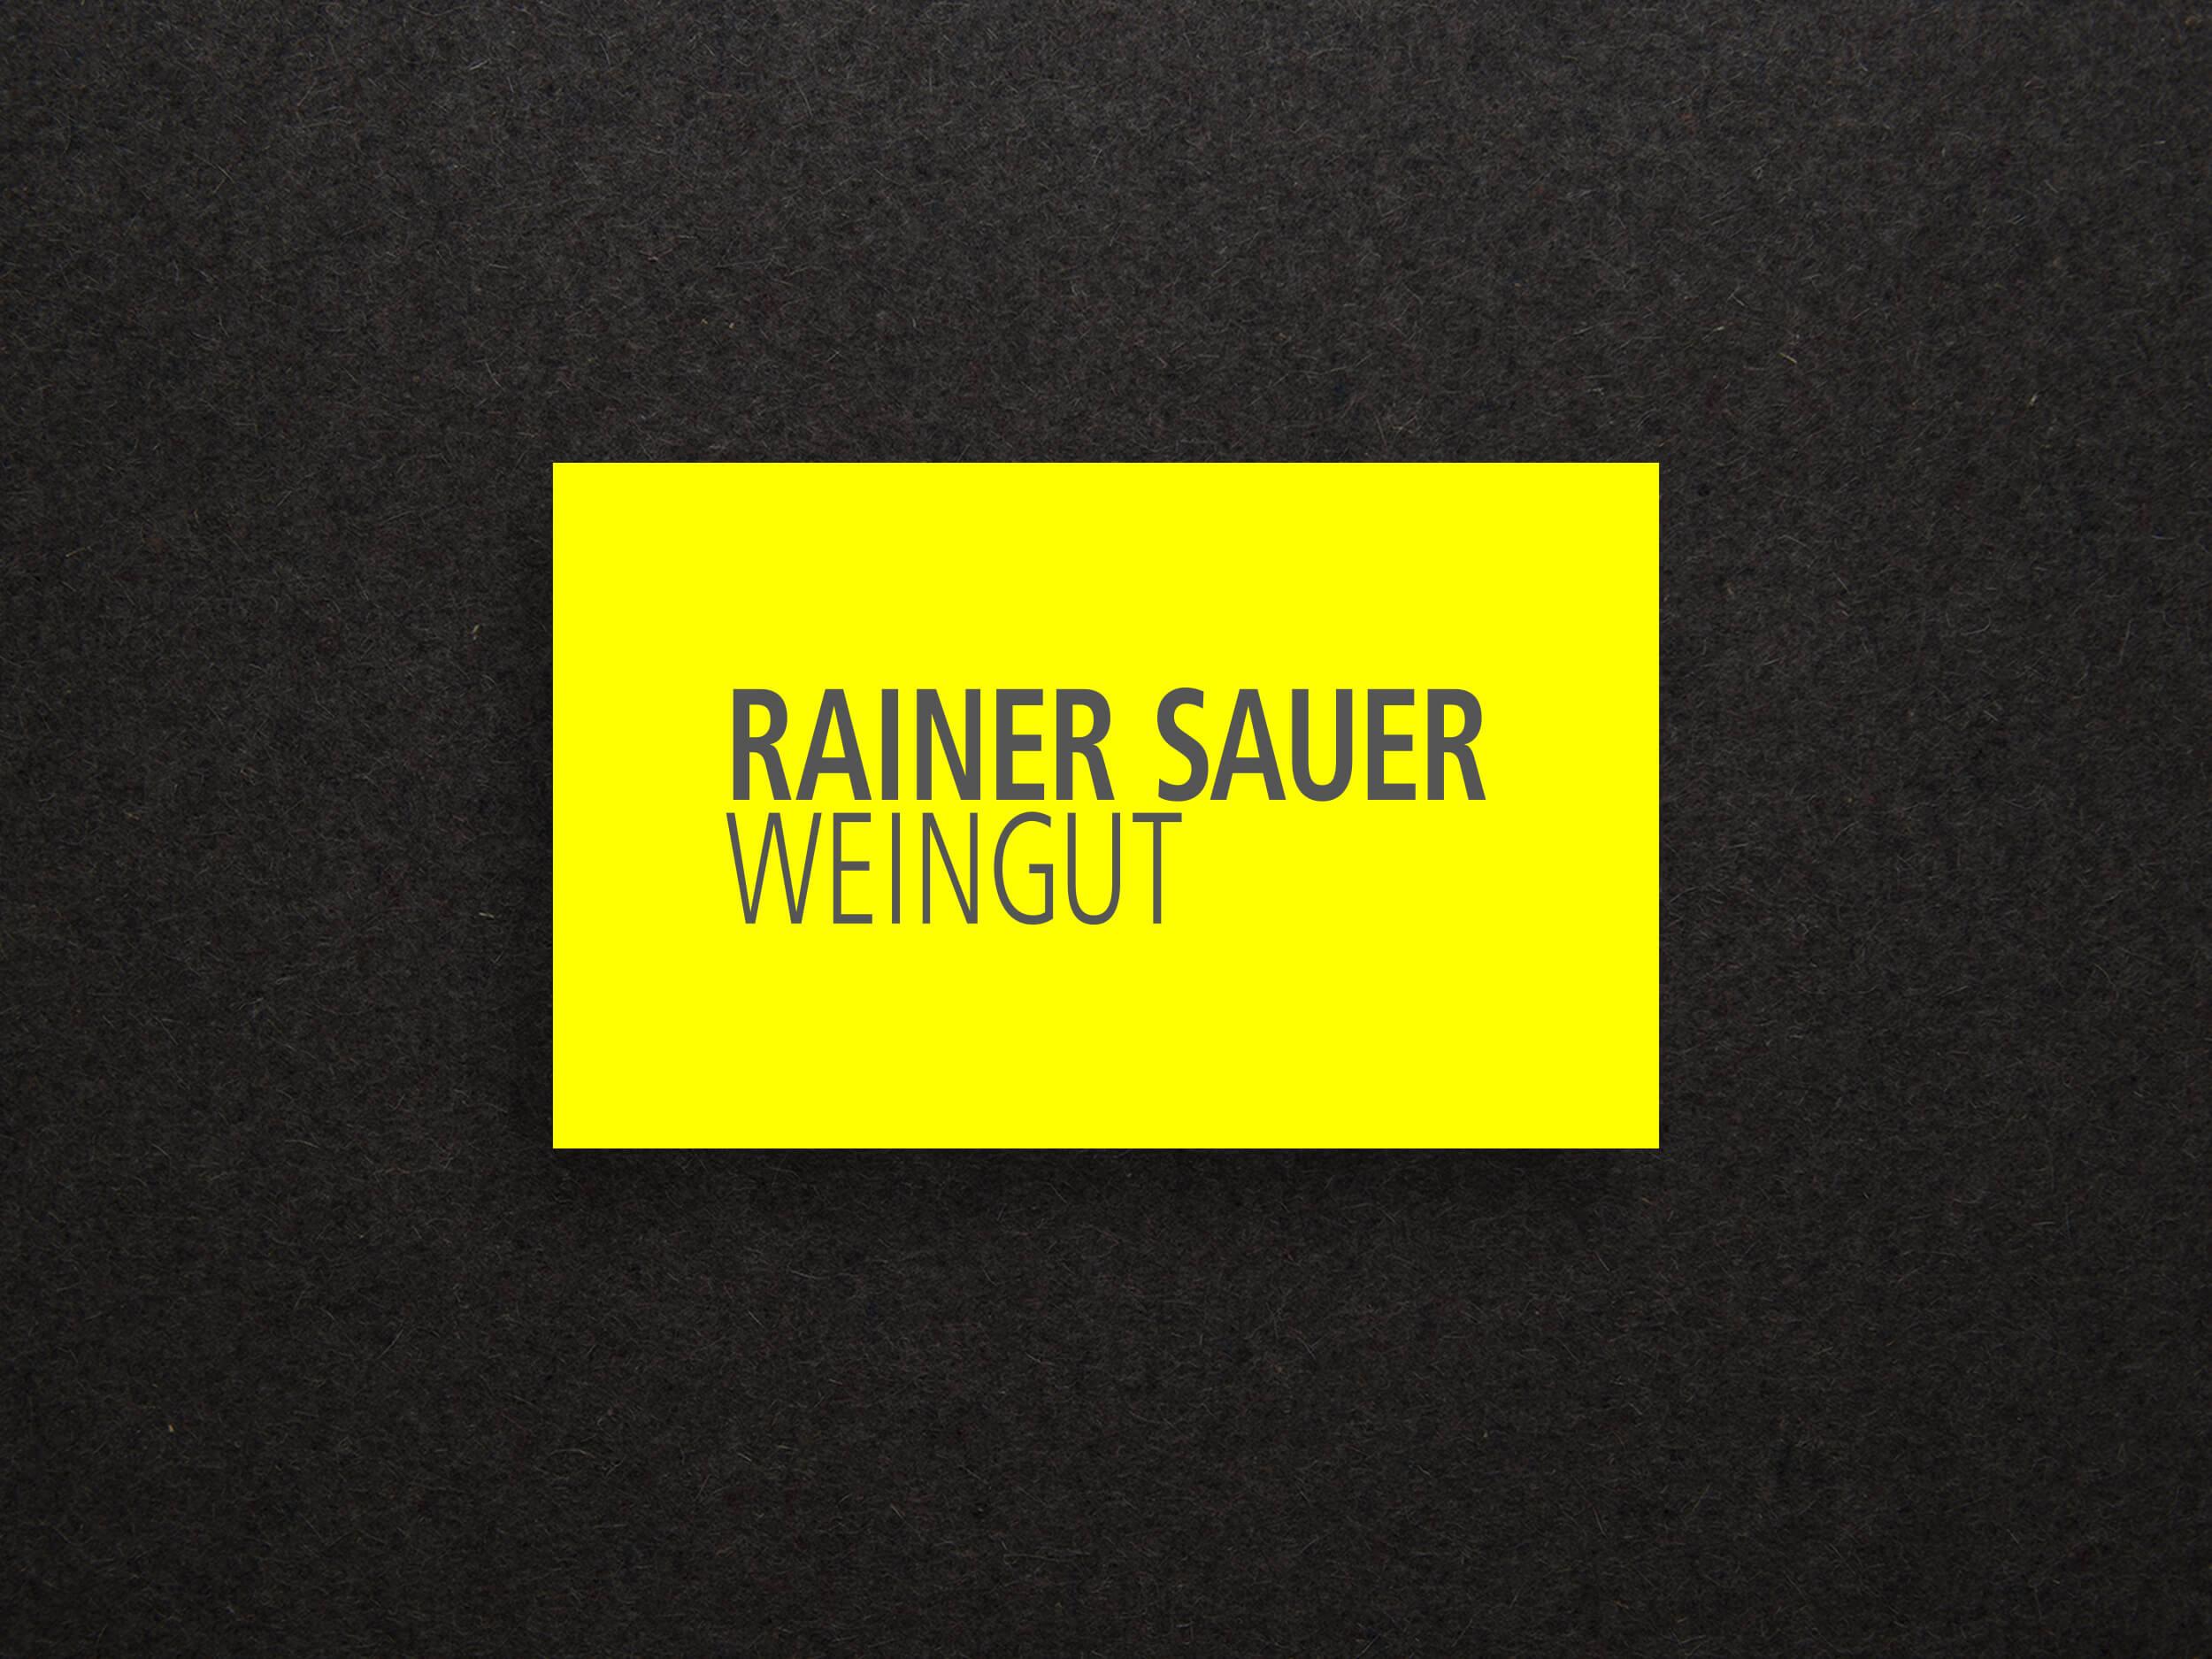 Rainer Sauer